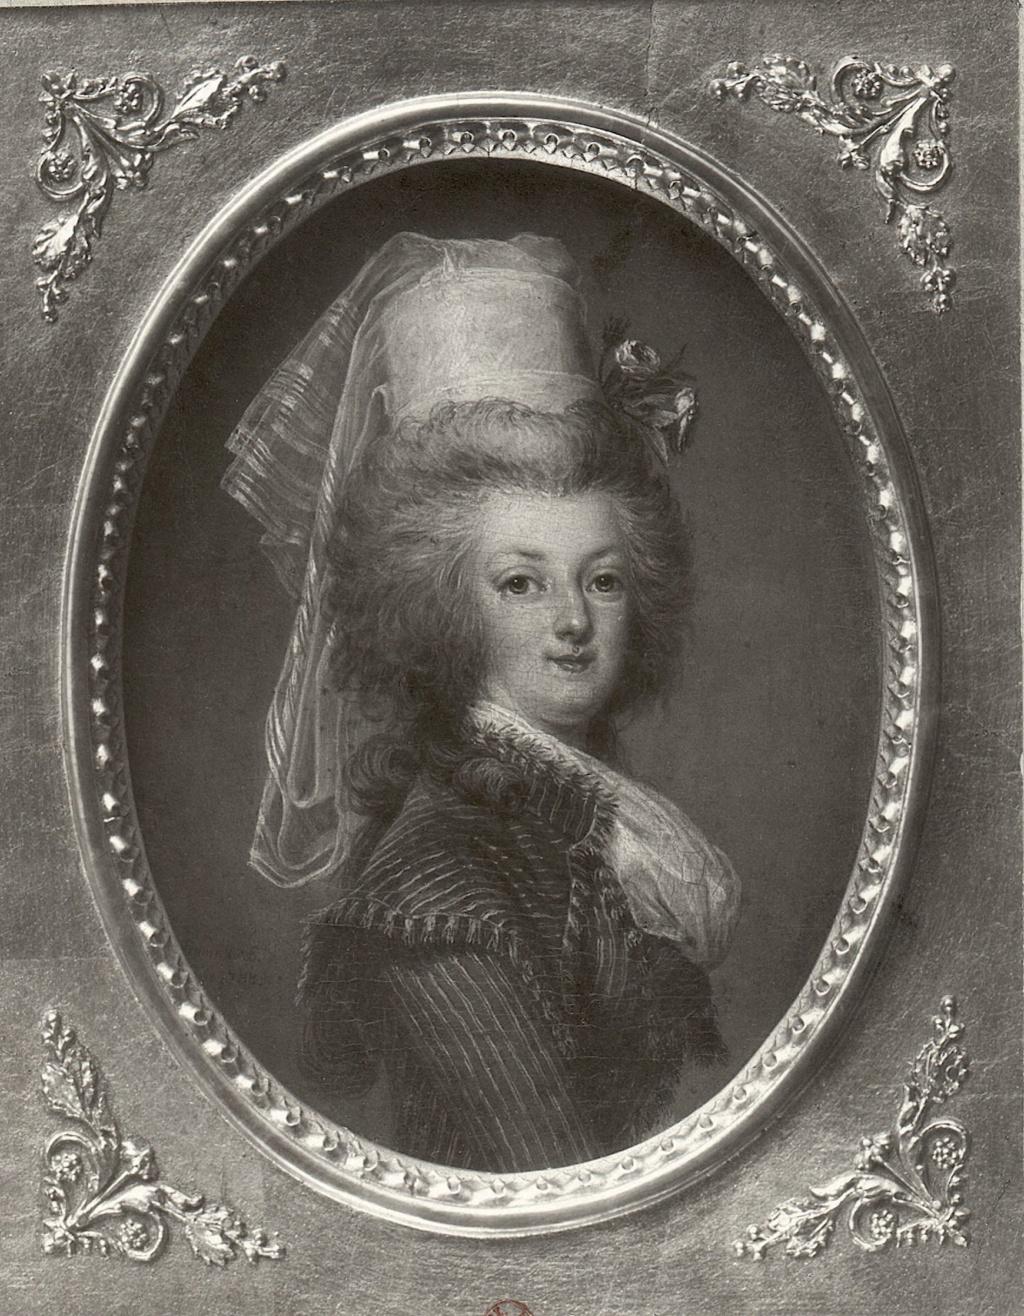 wertmuller - Marie-Antoinette en habit de chasse, ou chemise blanche, par Wertmüller (1788) Portra21